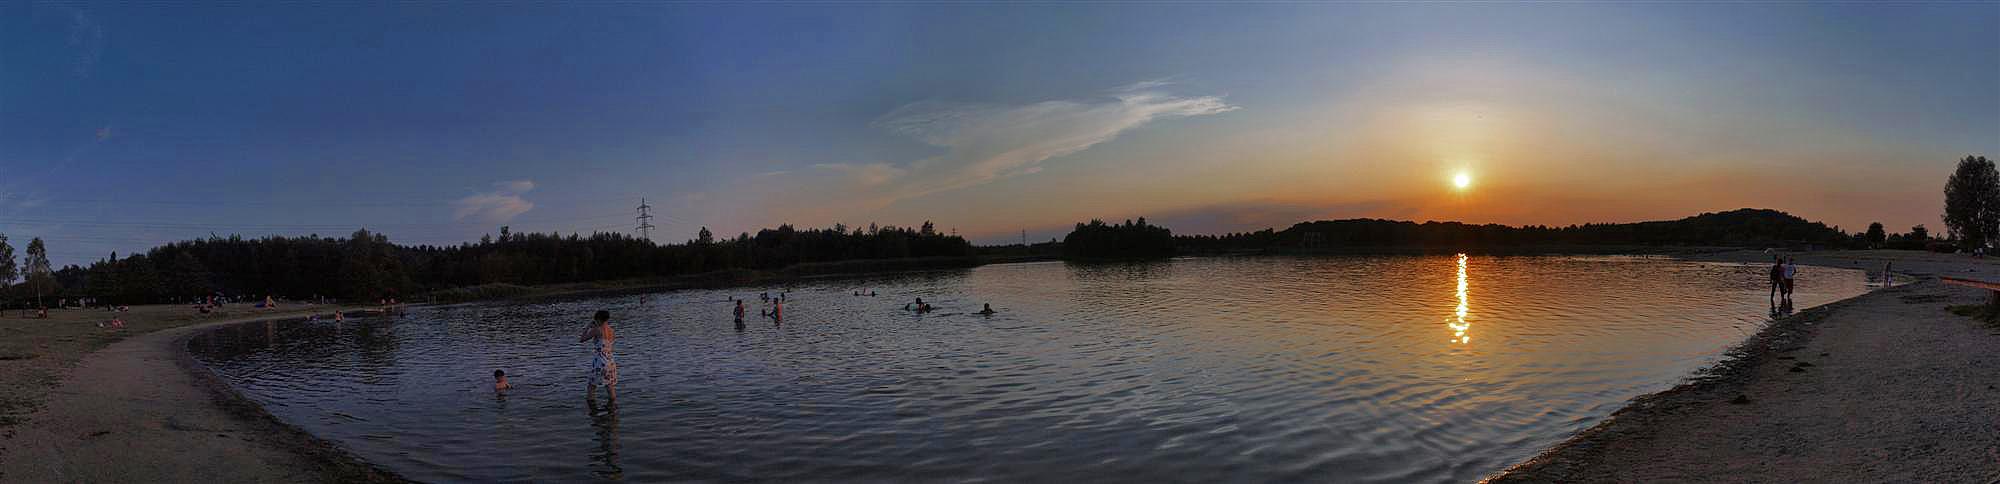 Horstmarer See - Sommer 2010